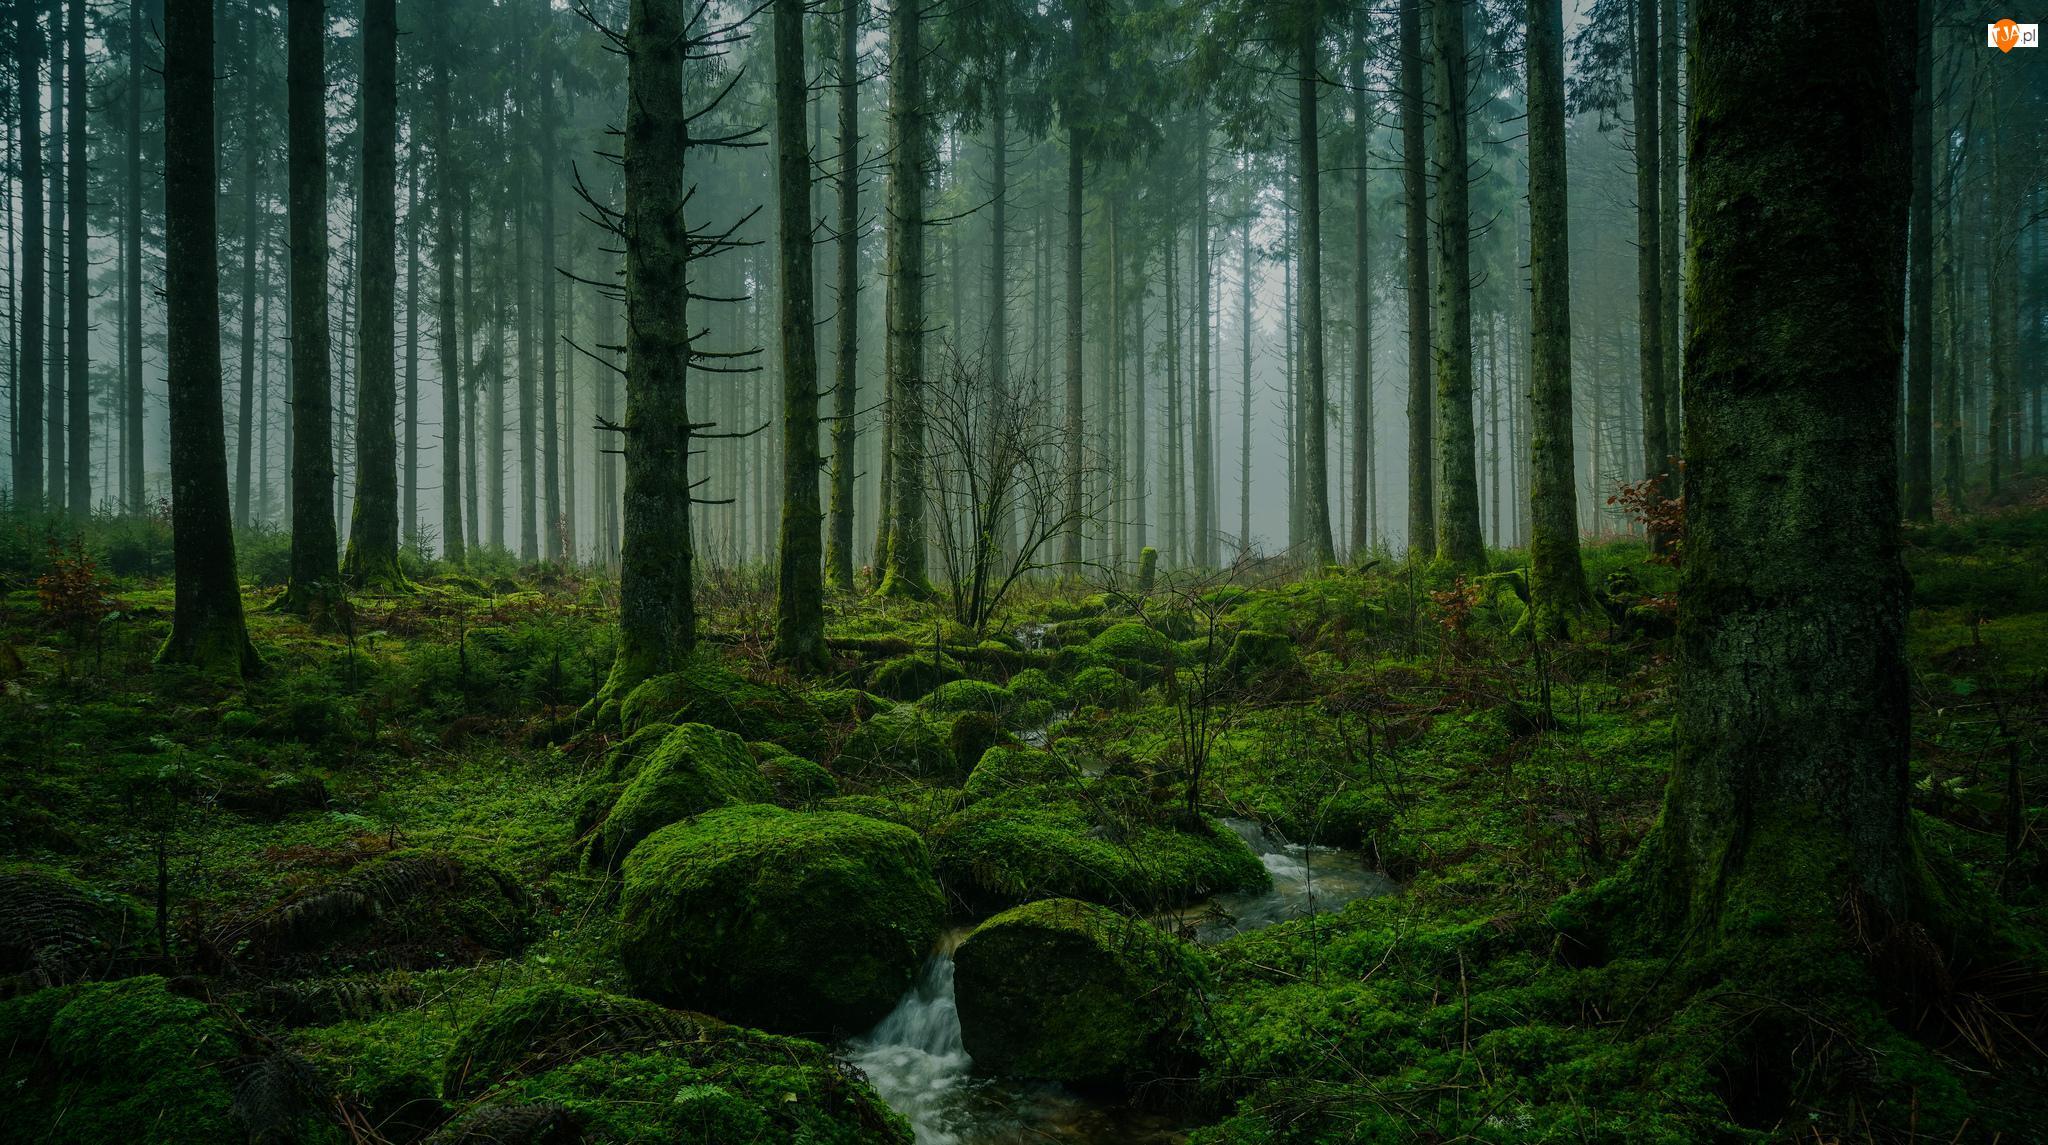 Omszałe, Strumień, Drzewa, Las, Kamienie